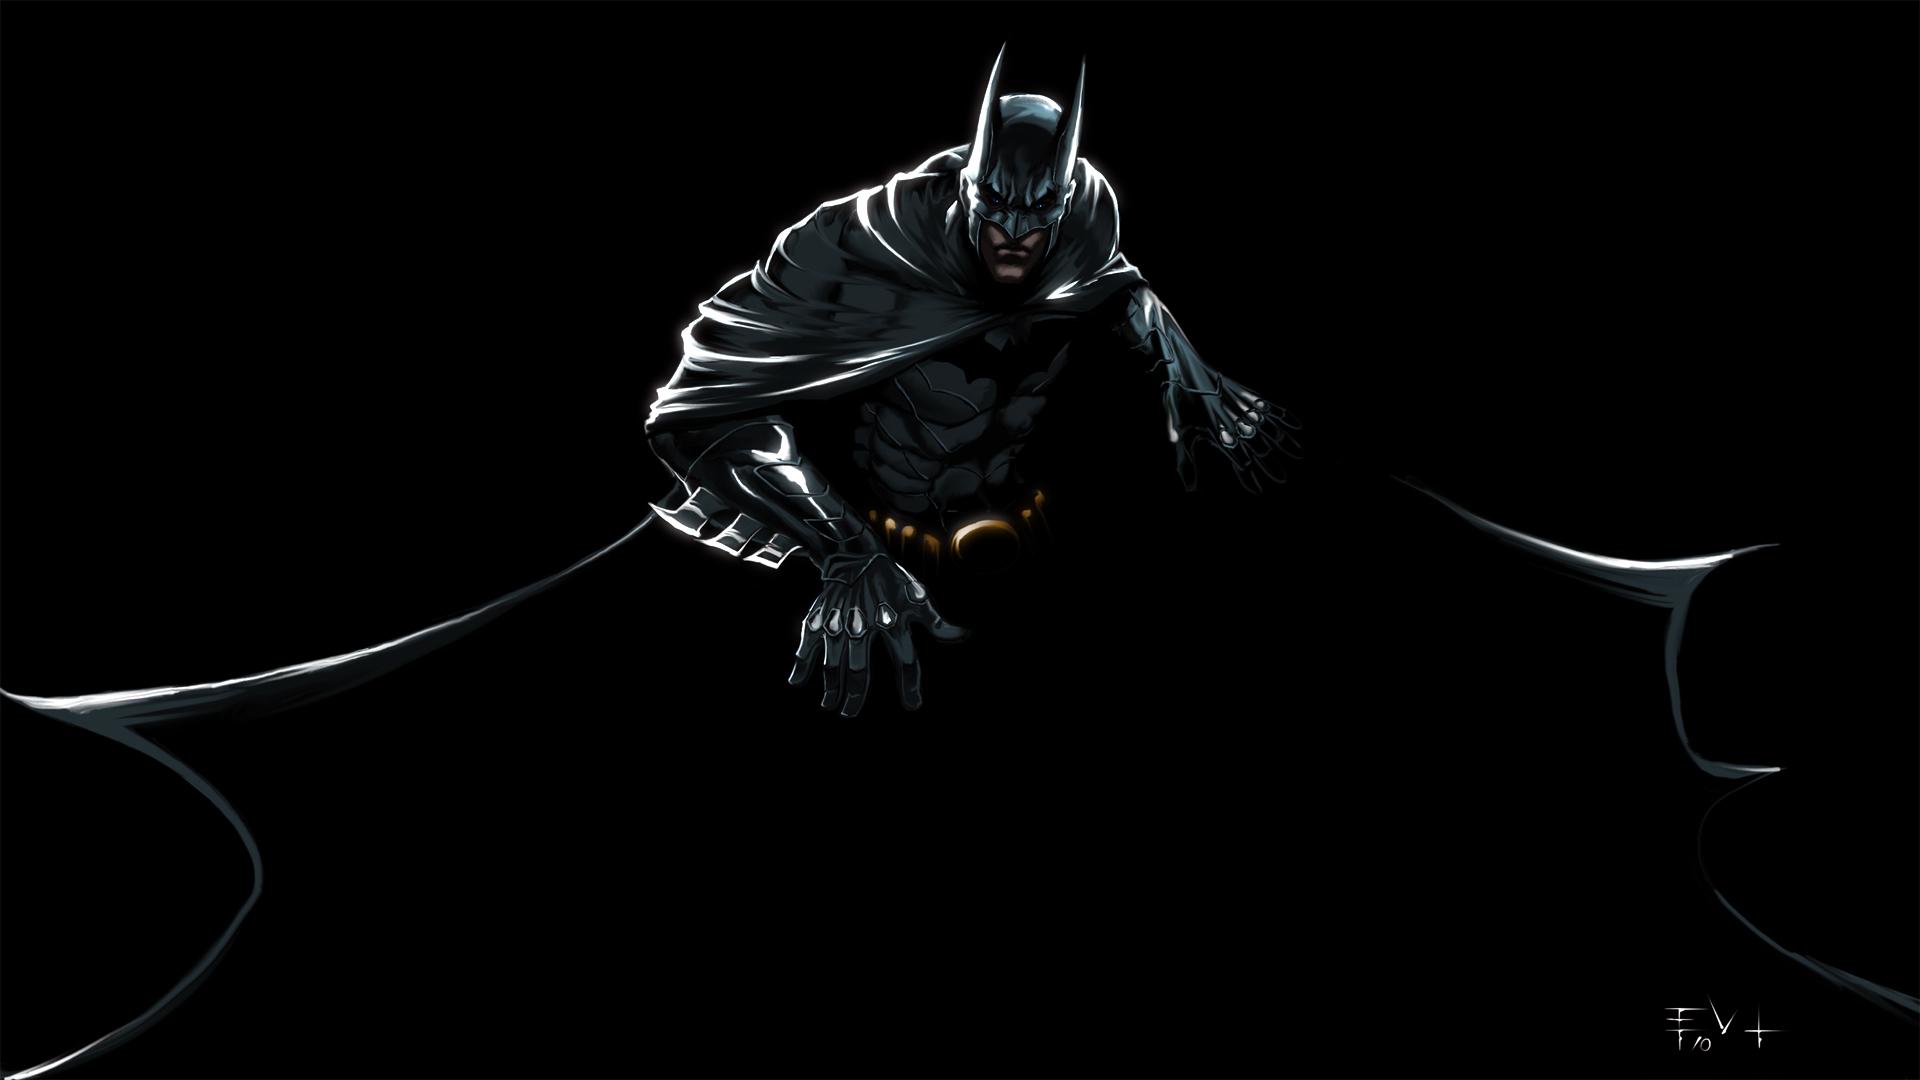 The Batman III by ErikVonLehmann